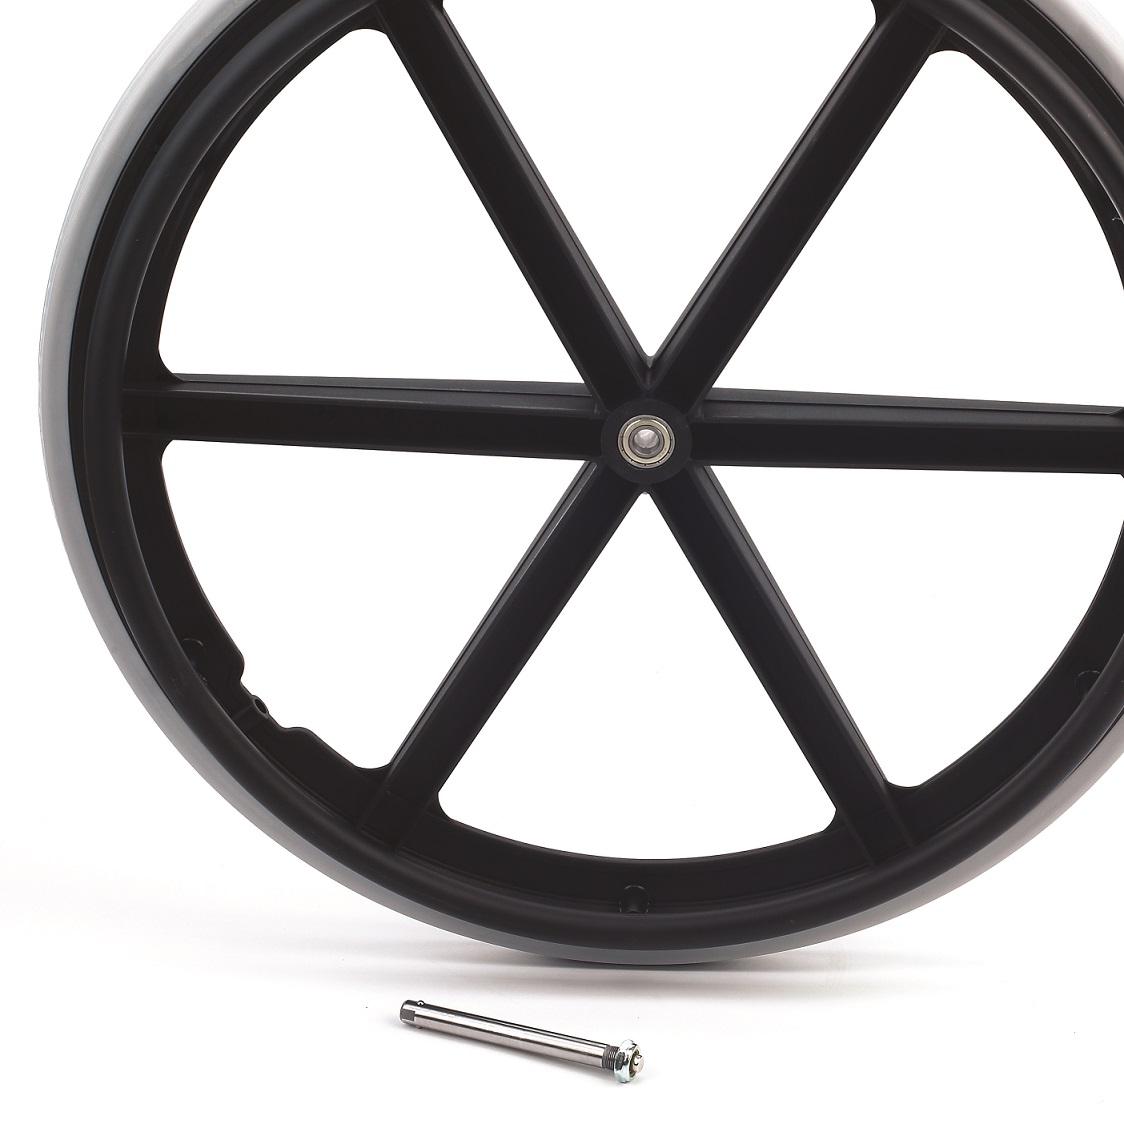 Eje de desmontaje rápido para las ruedas traseras